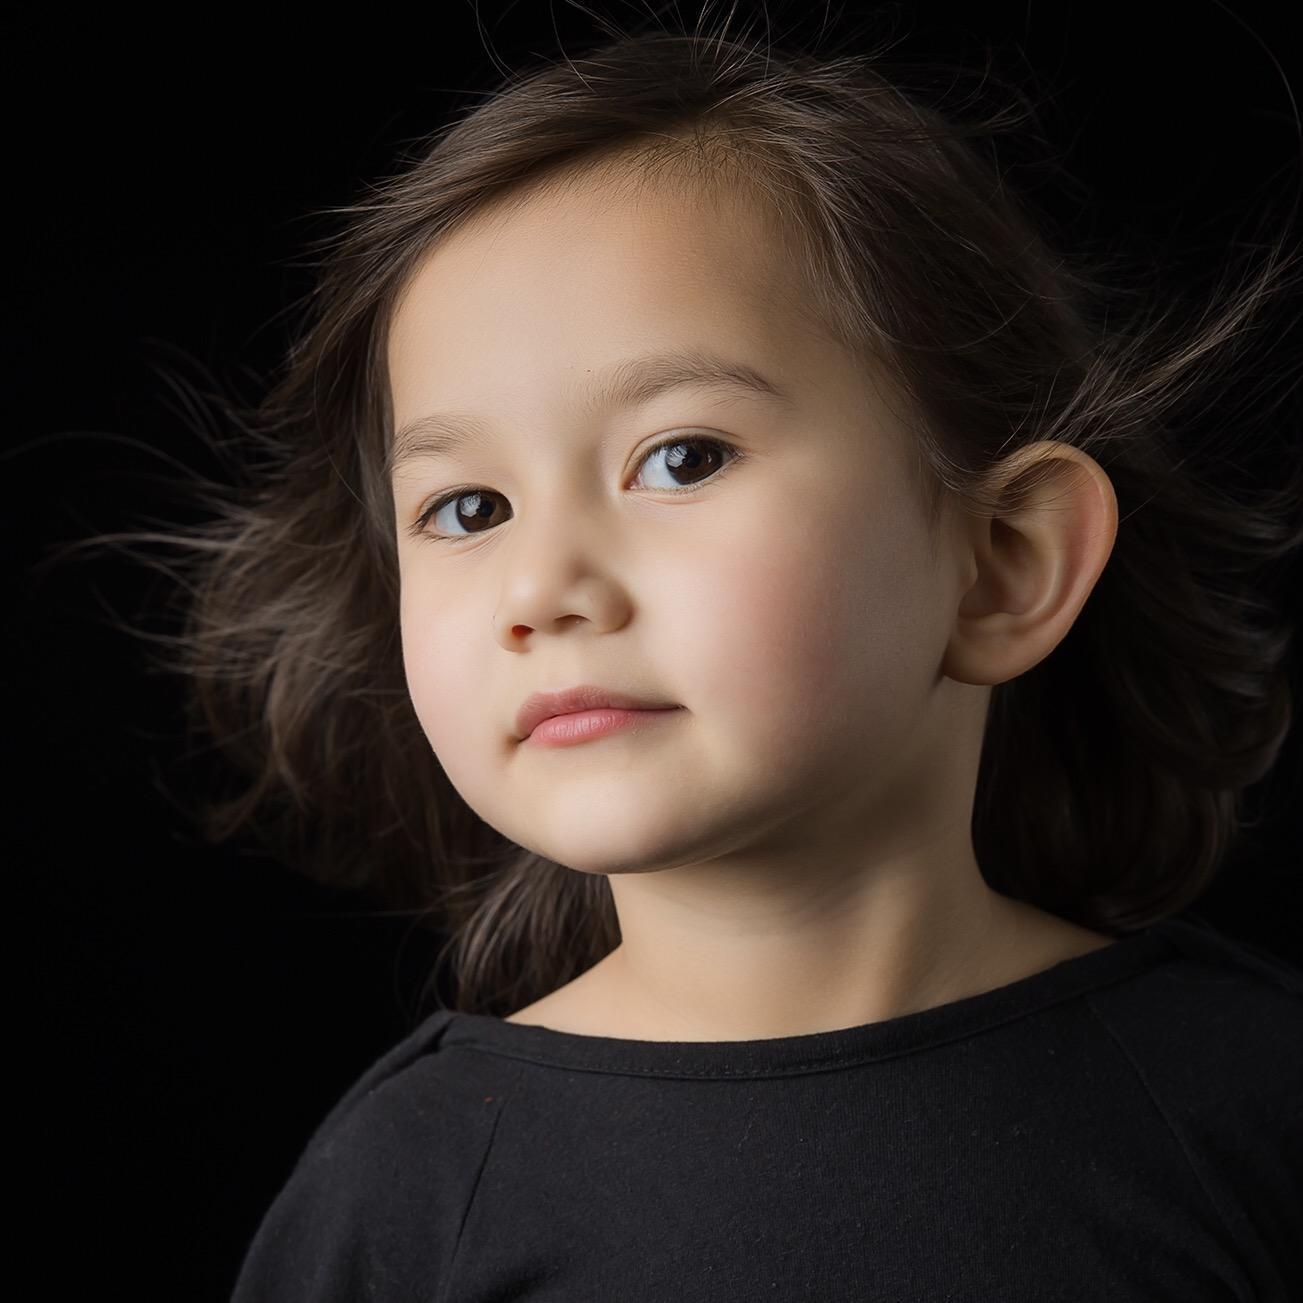 儿童摄影课程三套小班课含PSD预设素材